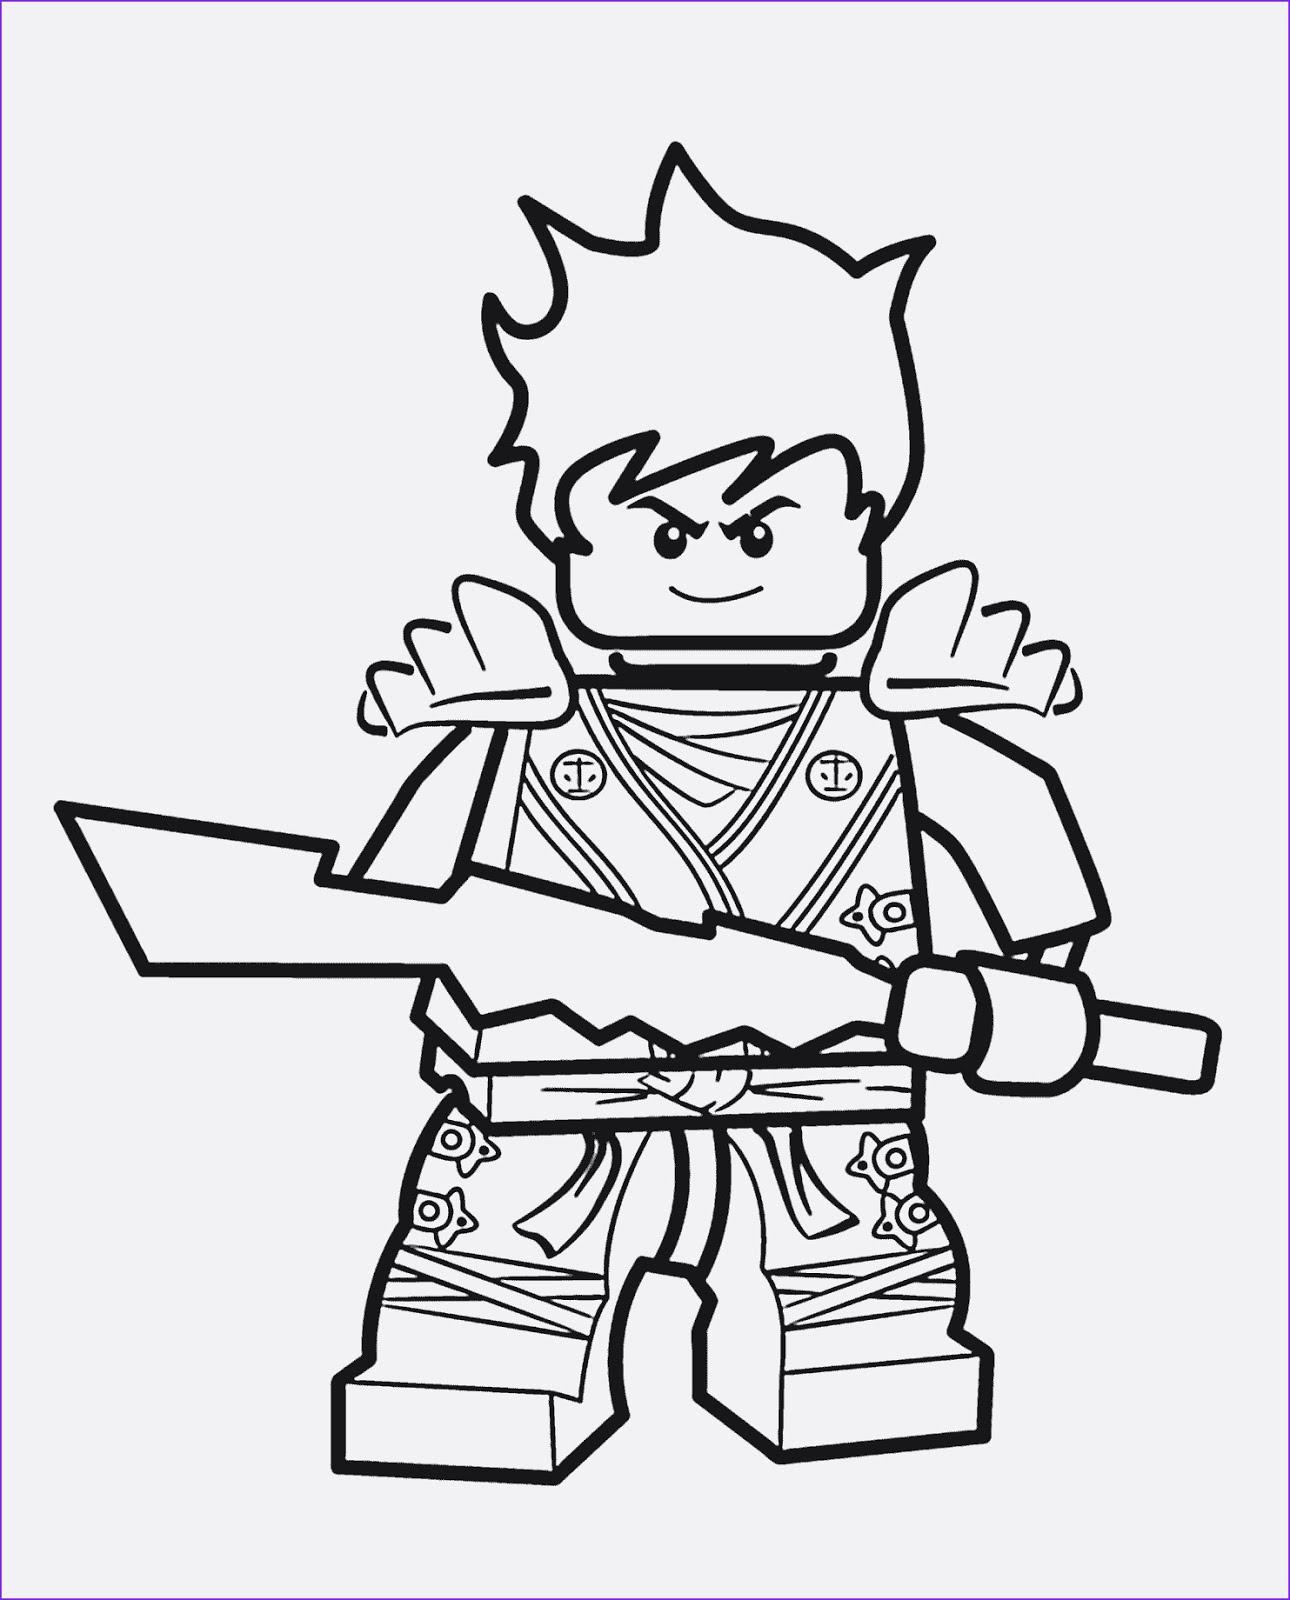 Malvorlagen Kostenlos Lego Ninjago Ninjago Ausmalbilder Zum